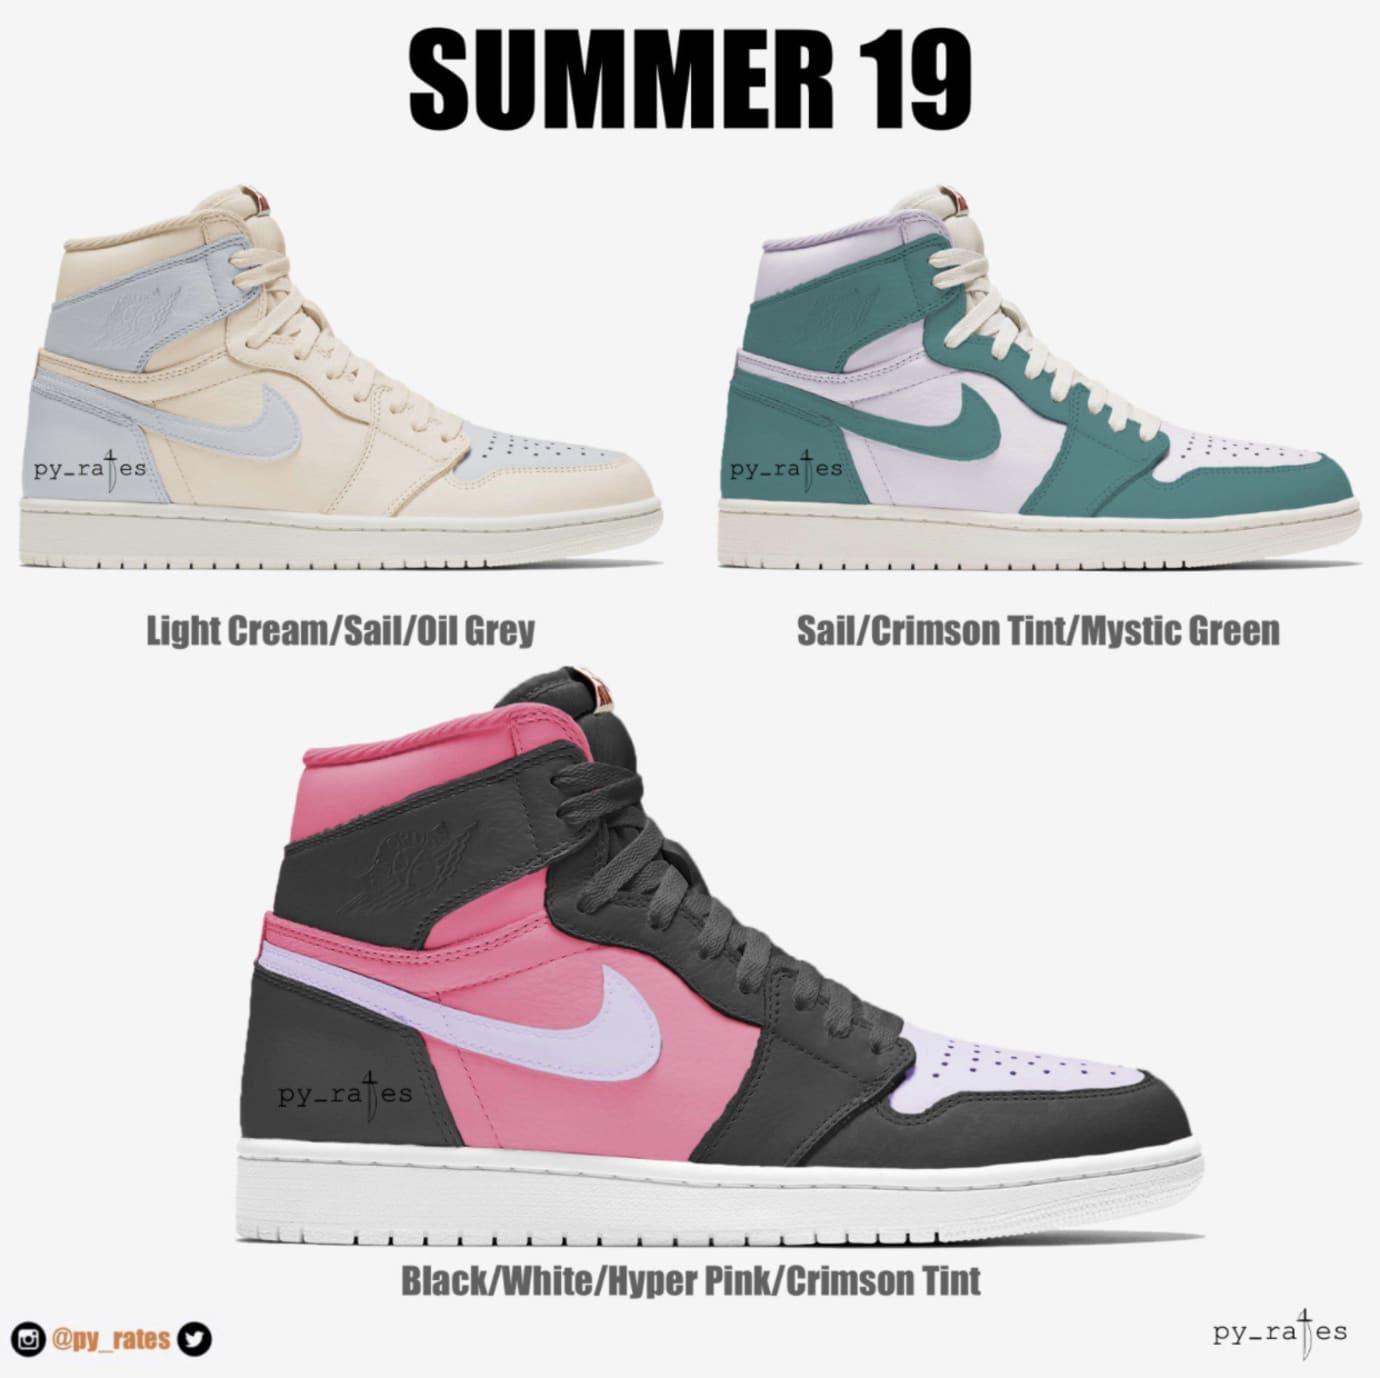 Air Jordan 1 Summer 2019